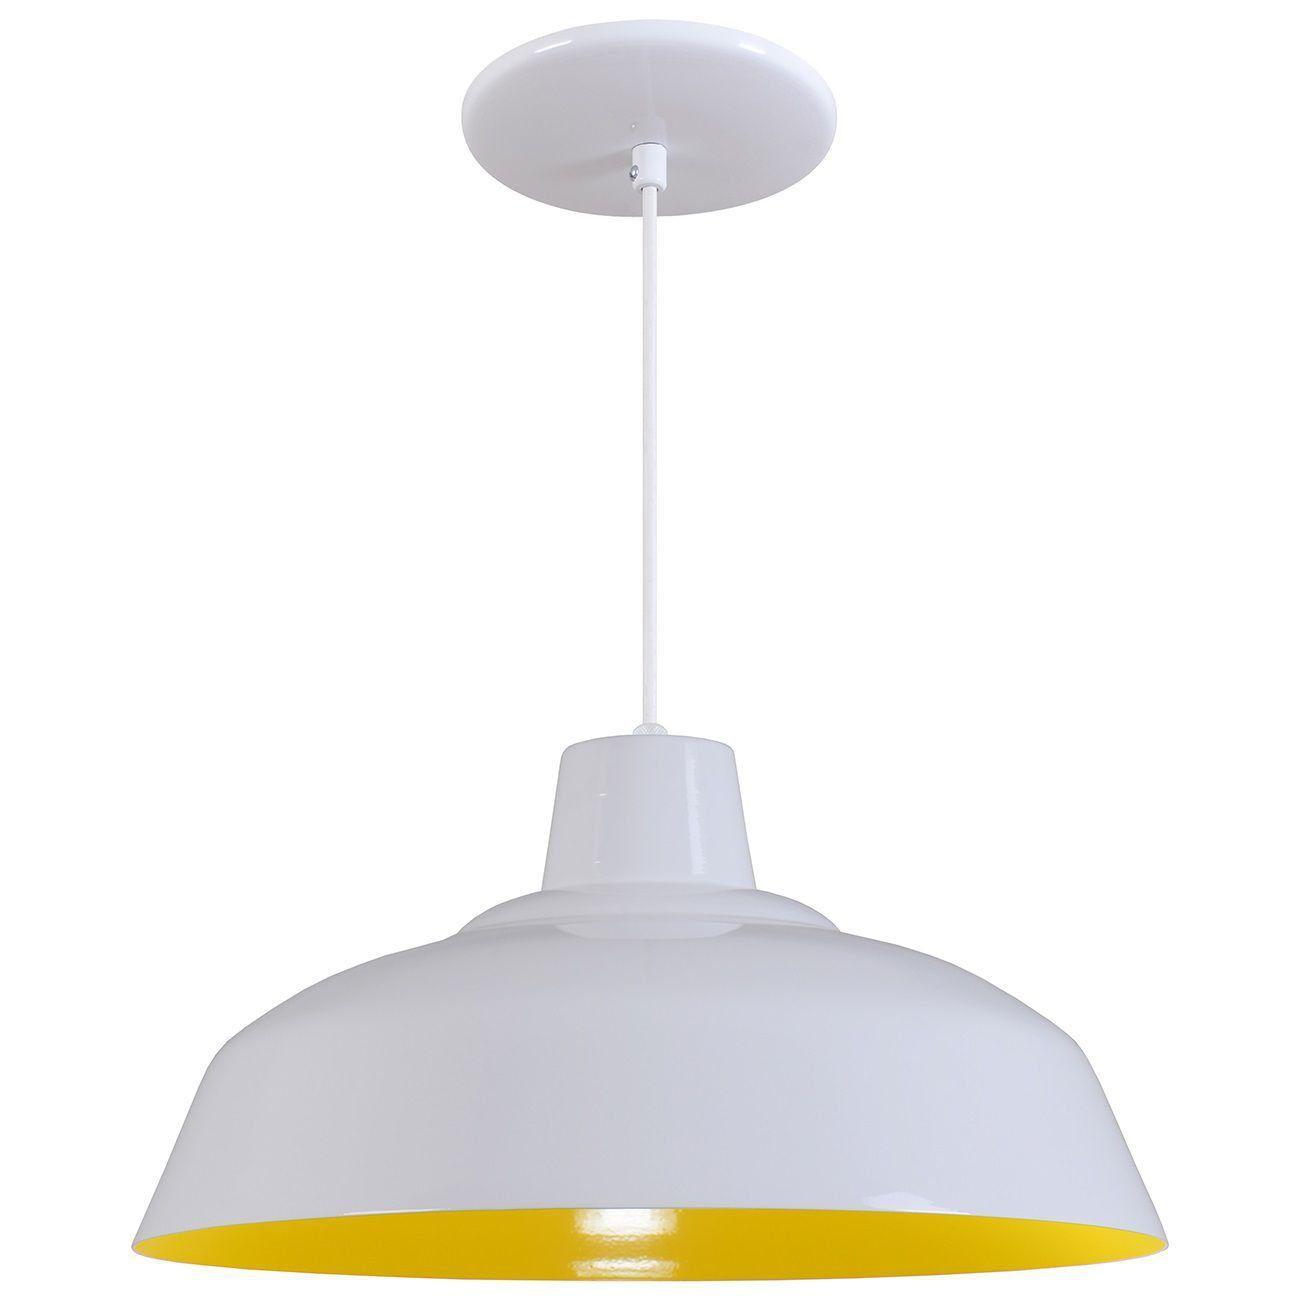 Pendente Retrô 34cm Luminária Lustre Alumínio Branco Brilhante C/ Amarelo - Rei Da Iluminação